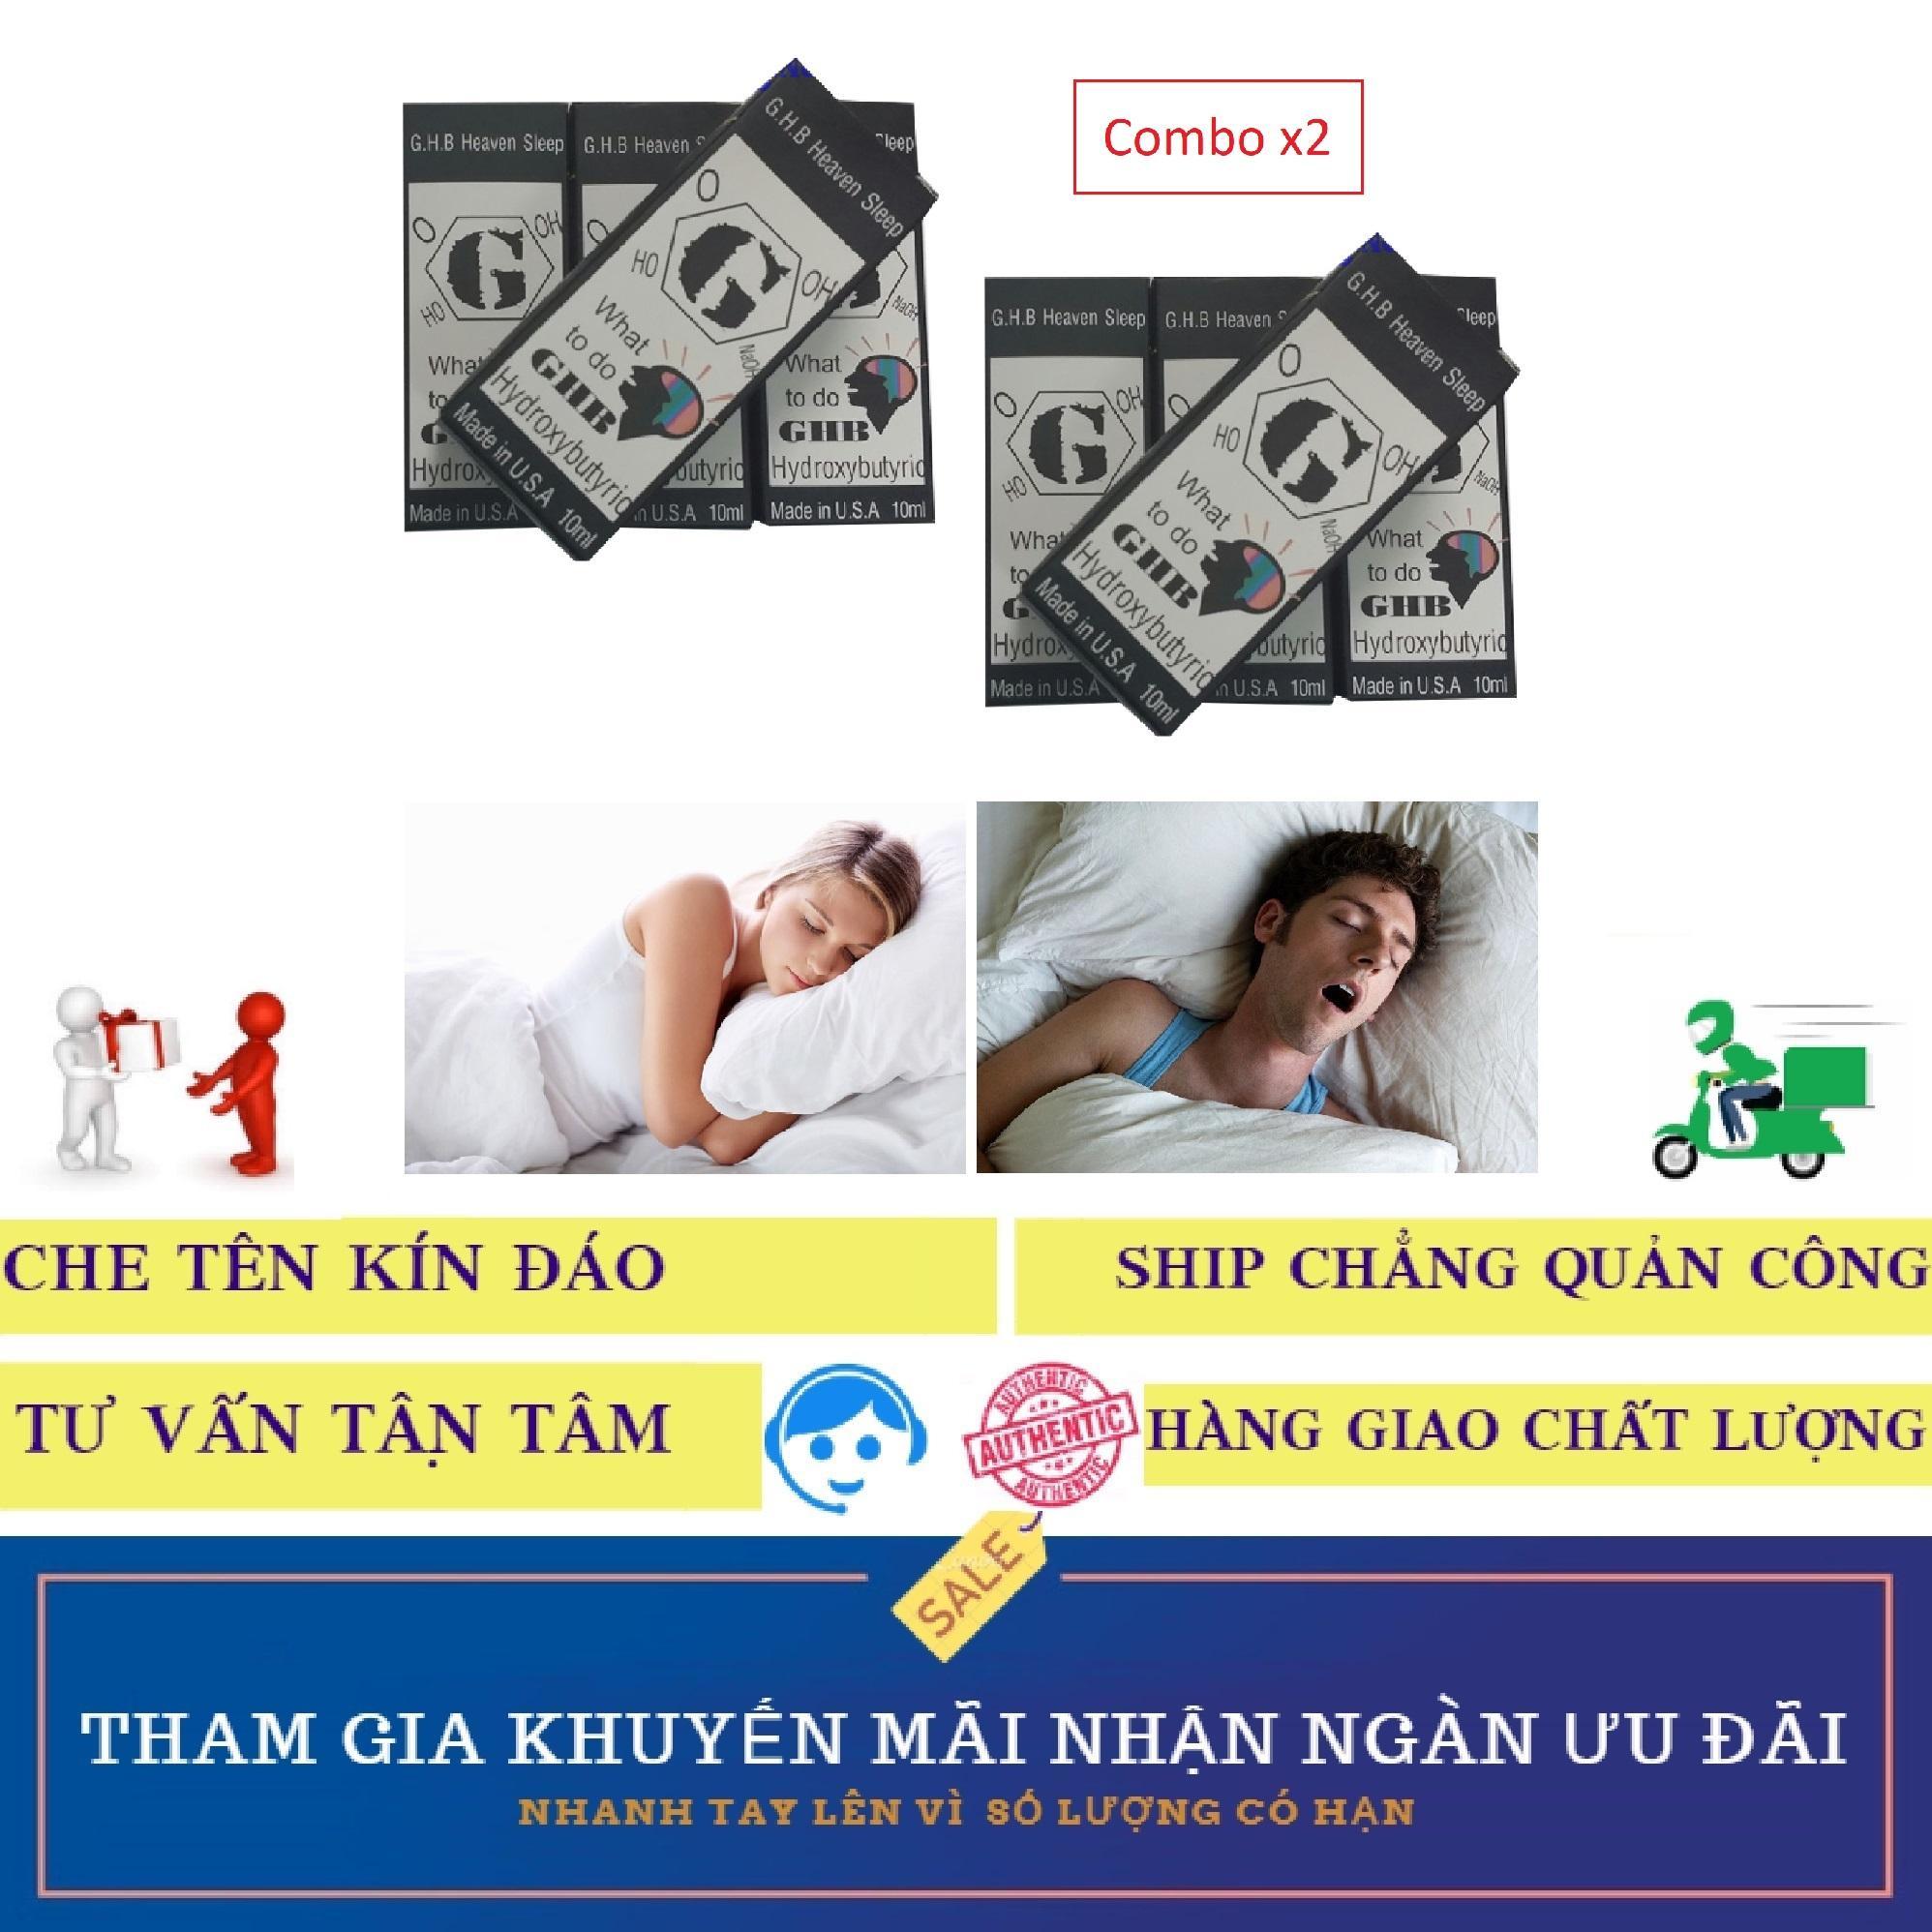 Combox2 Thuốc dung dịch GHB hỗ trợ mê giấc ngủ (10ml)